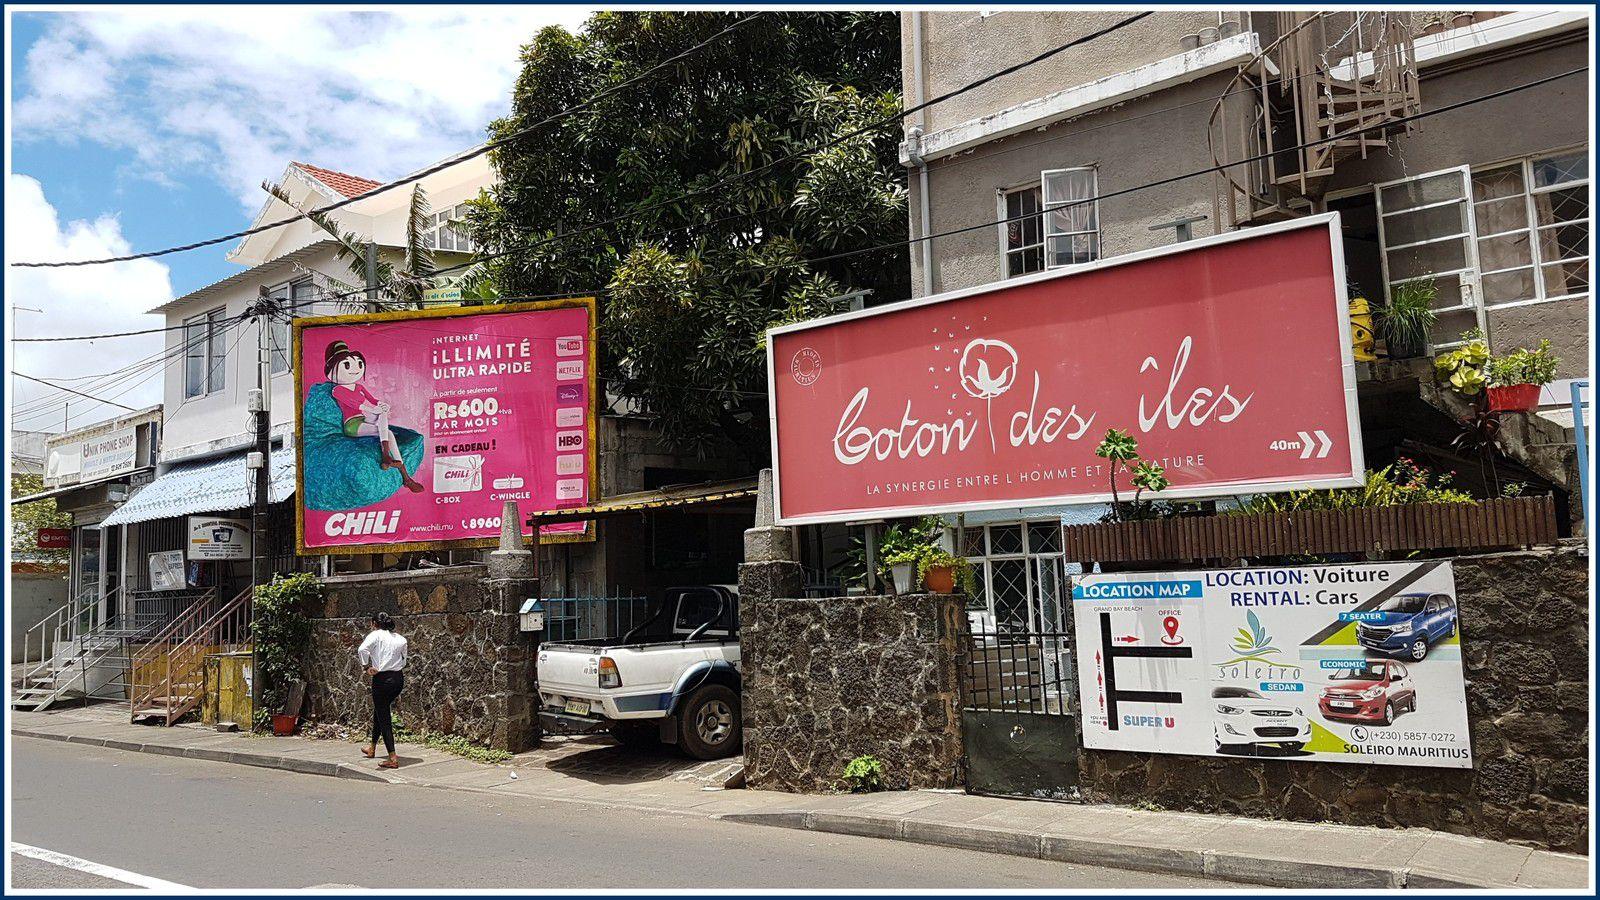 327 - Île Maurice photos en passant... du 31/01/20 au 13/02/20. Belle vie, farniente, rien de nouveau sous le soleil... Un quotidien bien agréable sous le 20ème Sud...